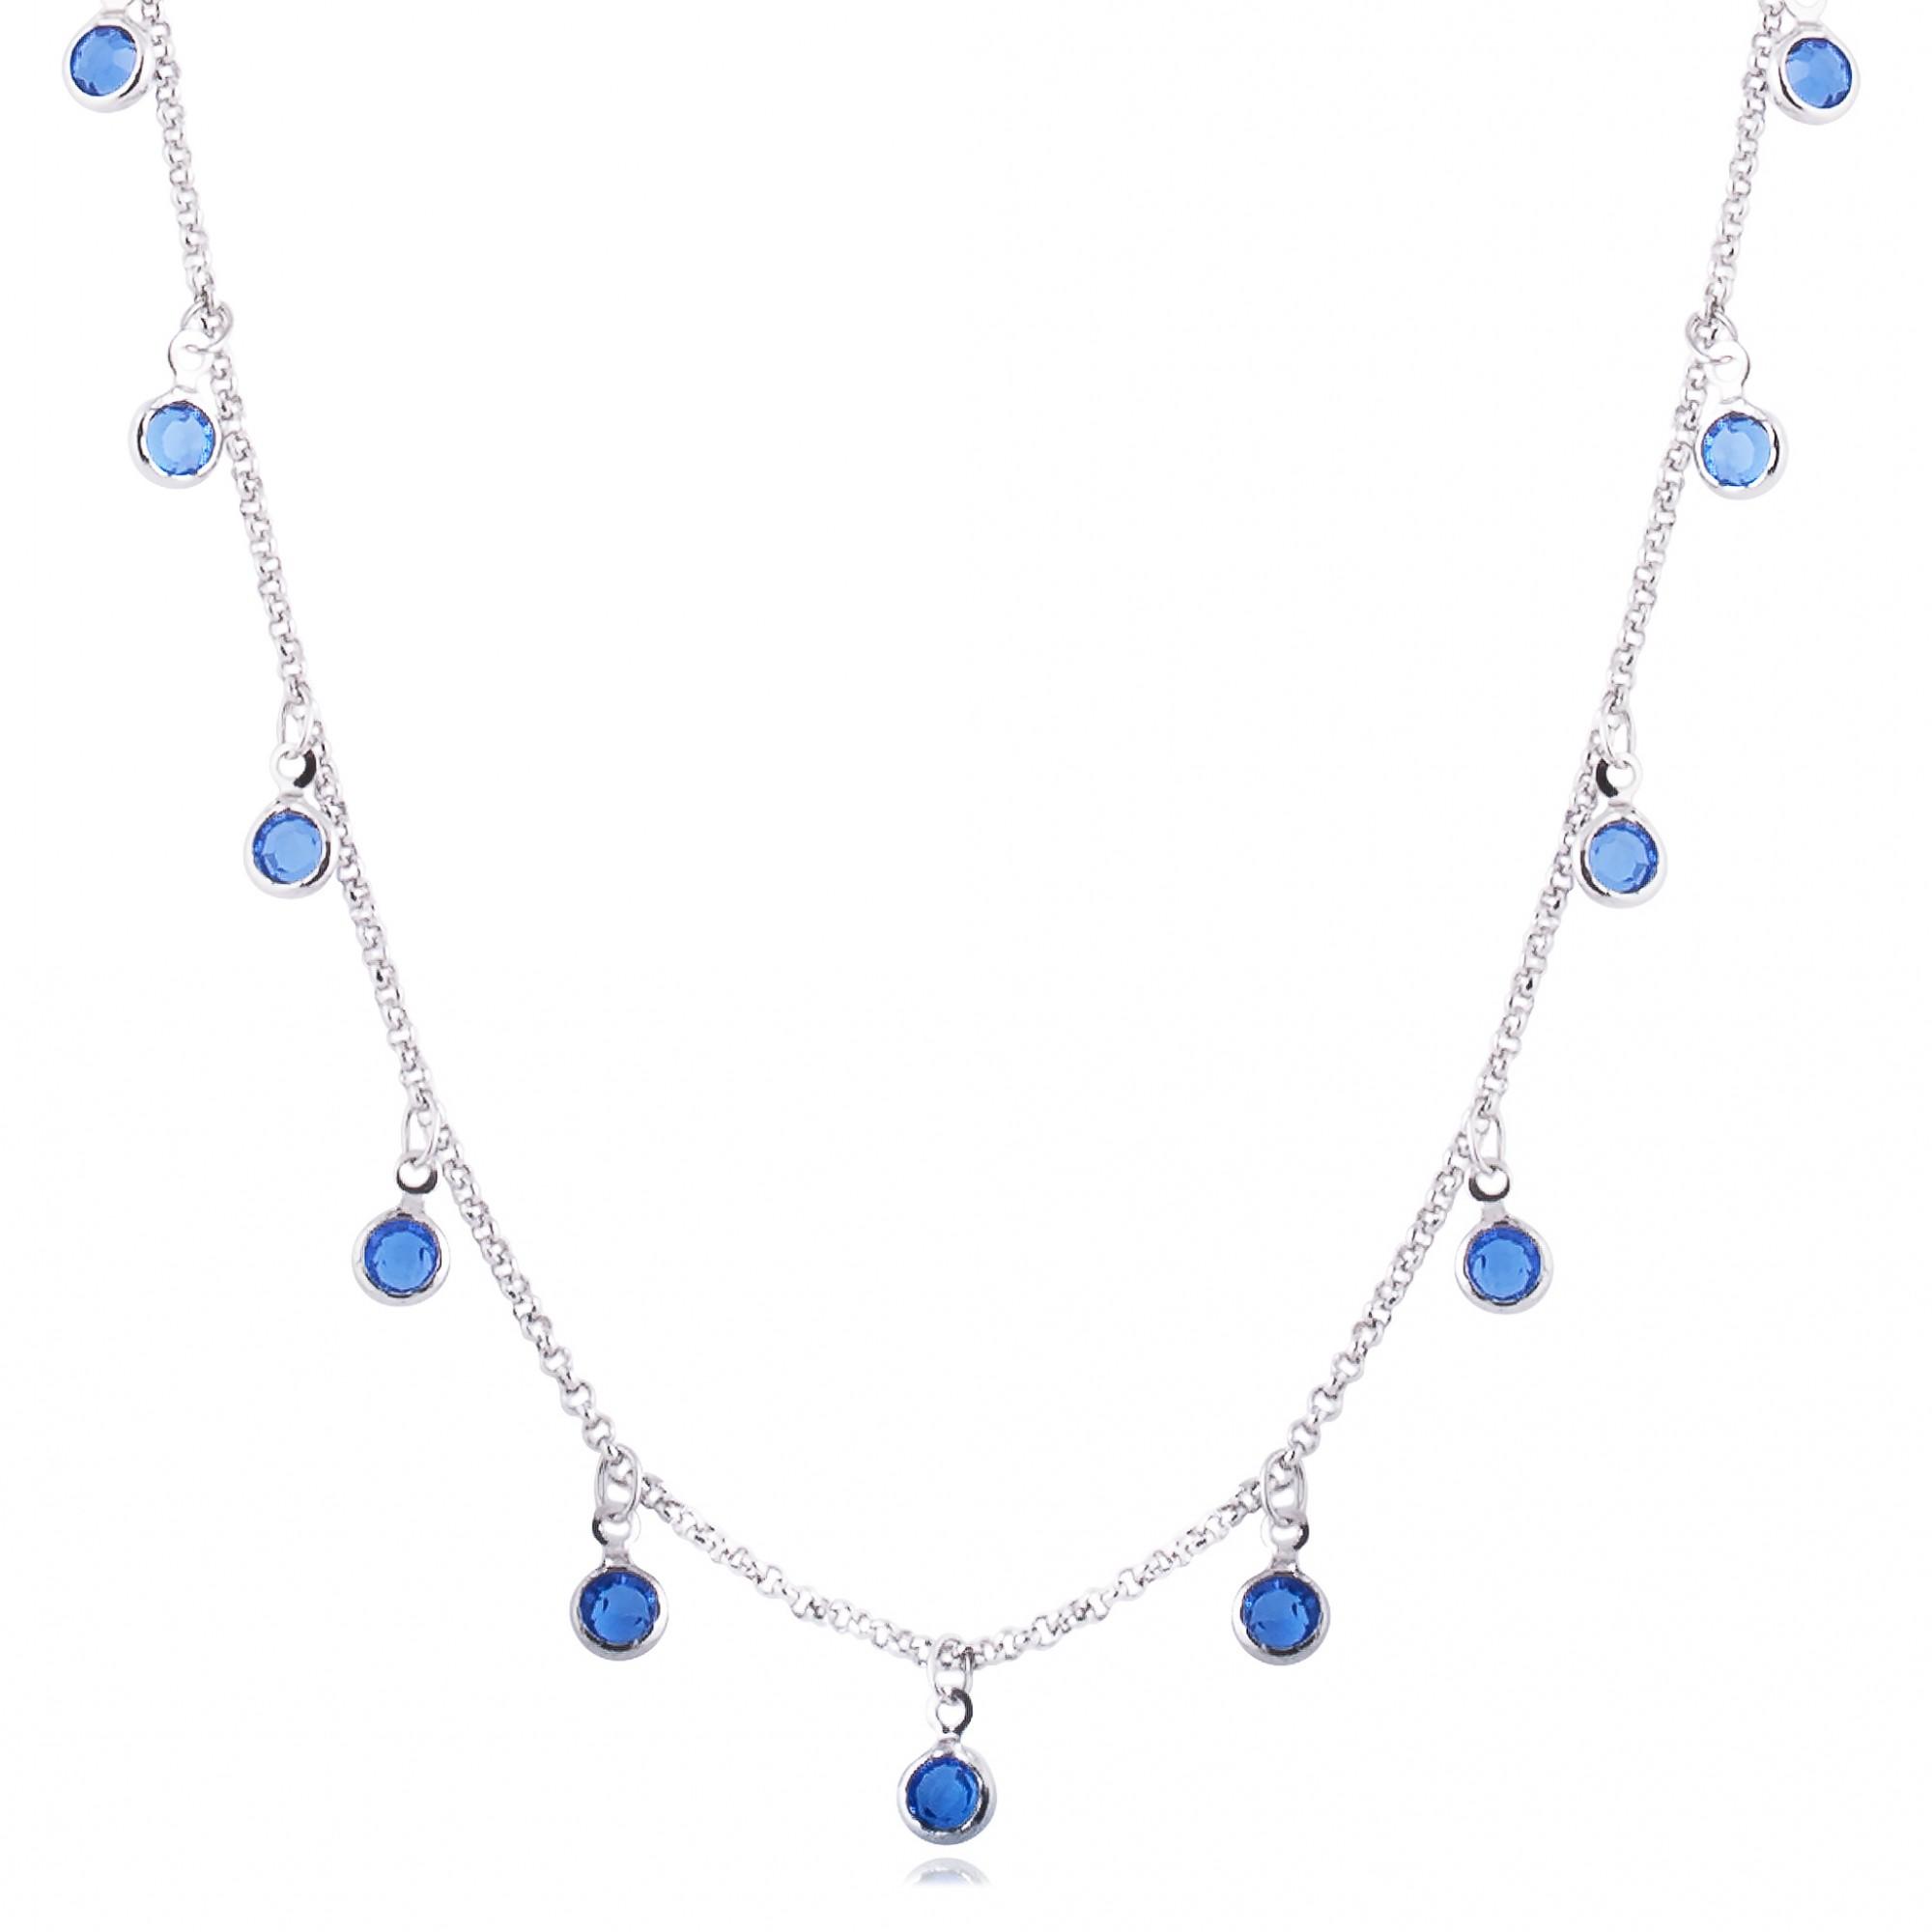 Colar cristais pendentes azuis banho de ródio branco.  - bfdecor.com.br